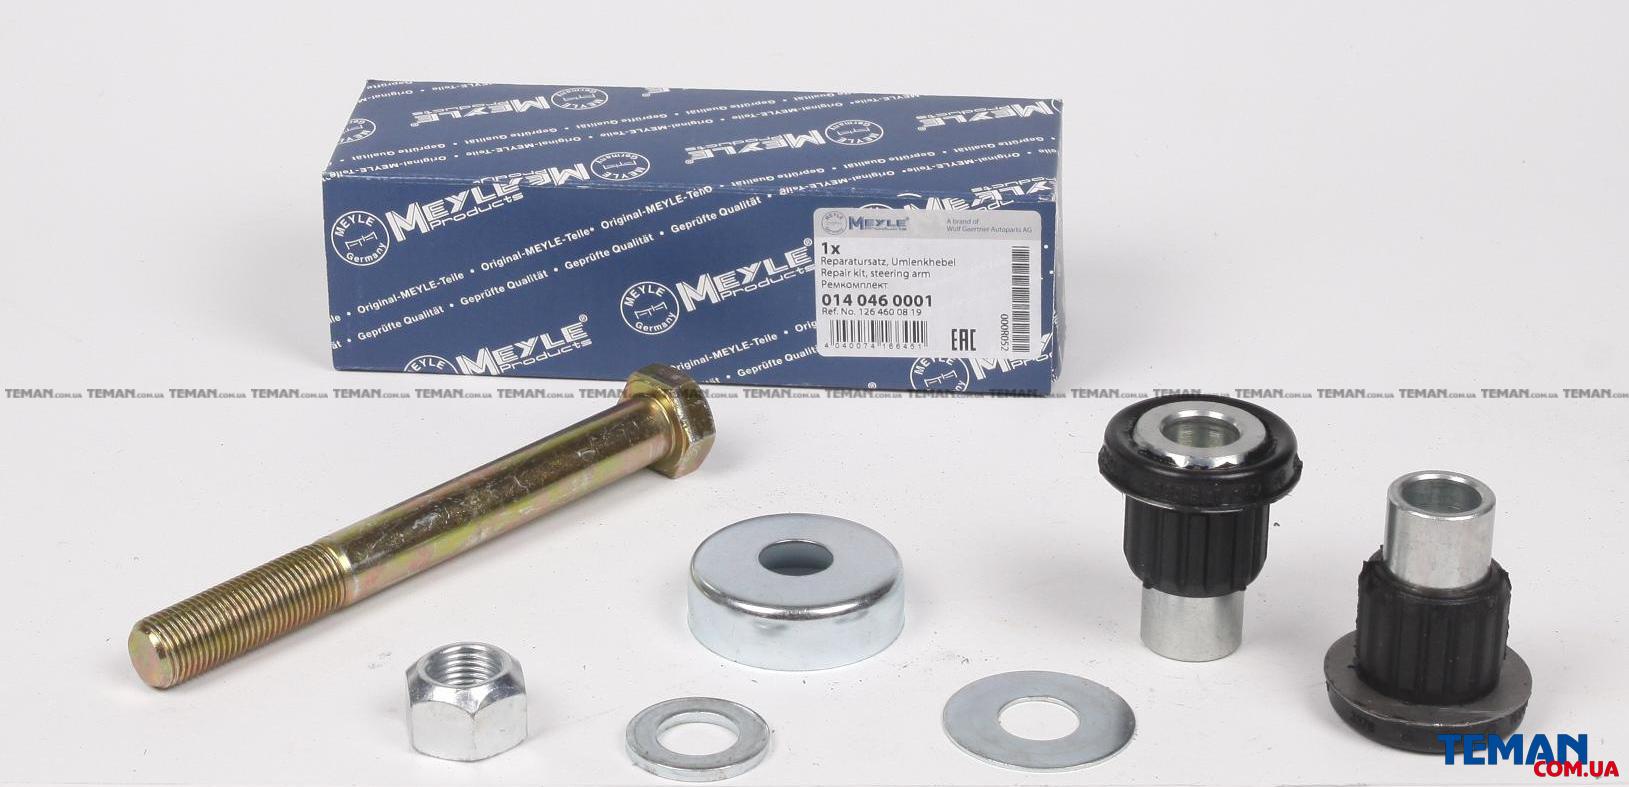 Купить Ремкомплект маятникового рычагаMEYLE 0140460001 Мерседес Бенц s-class купе (c126)